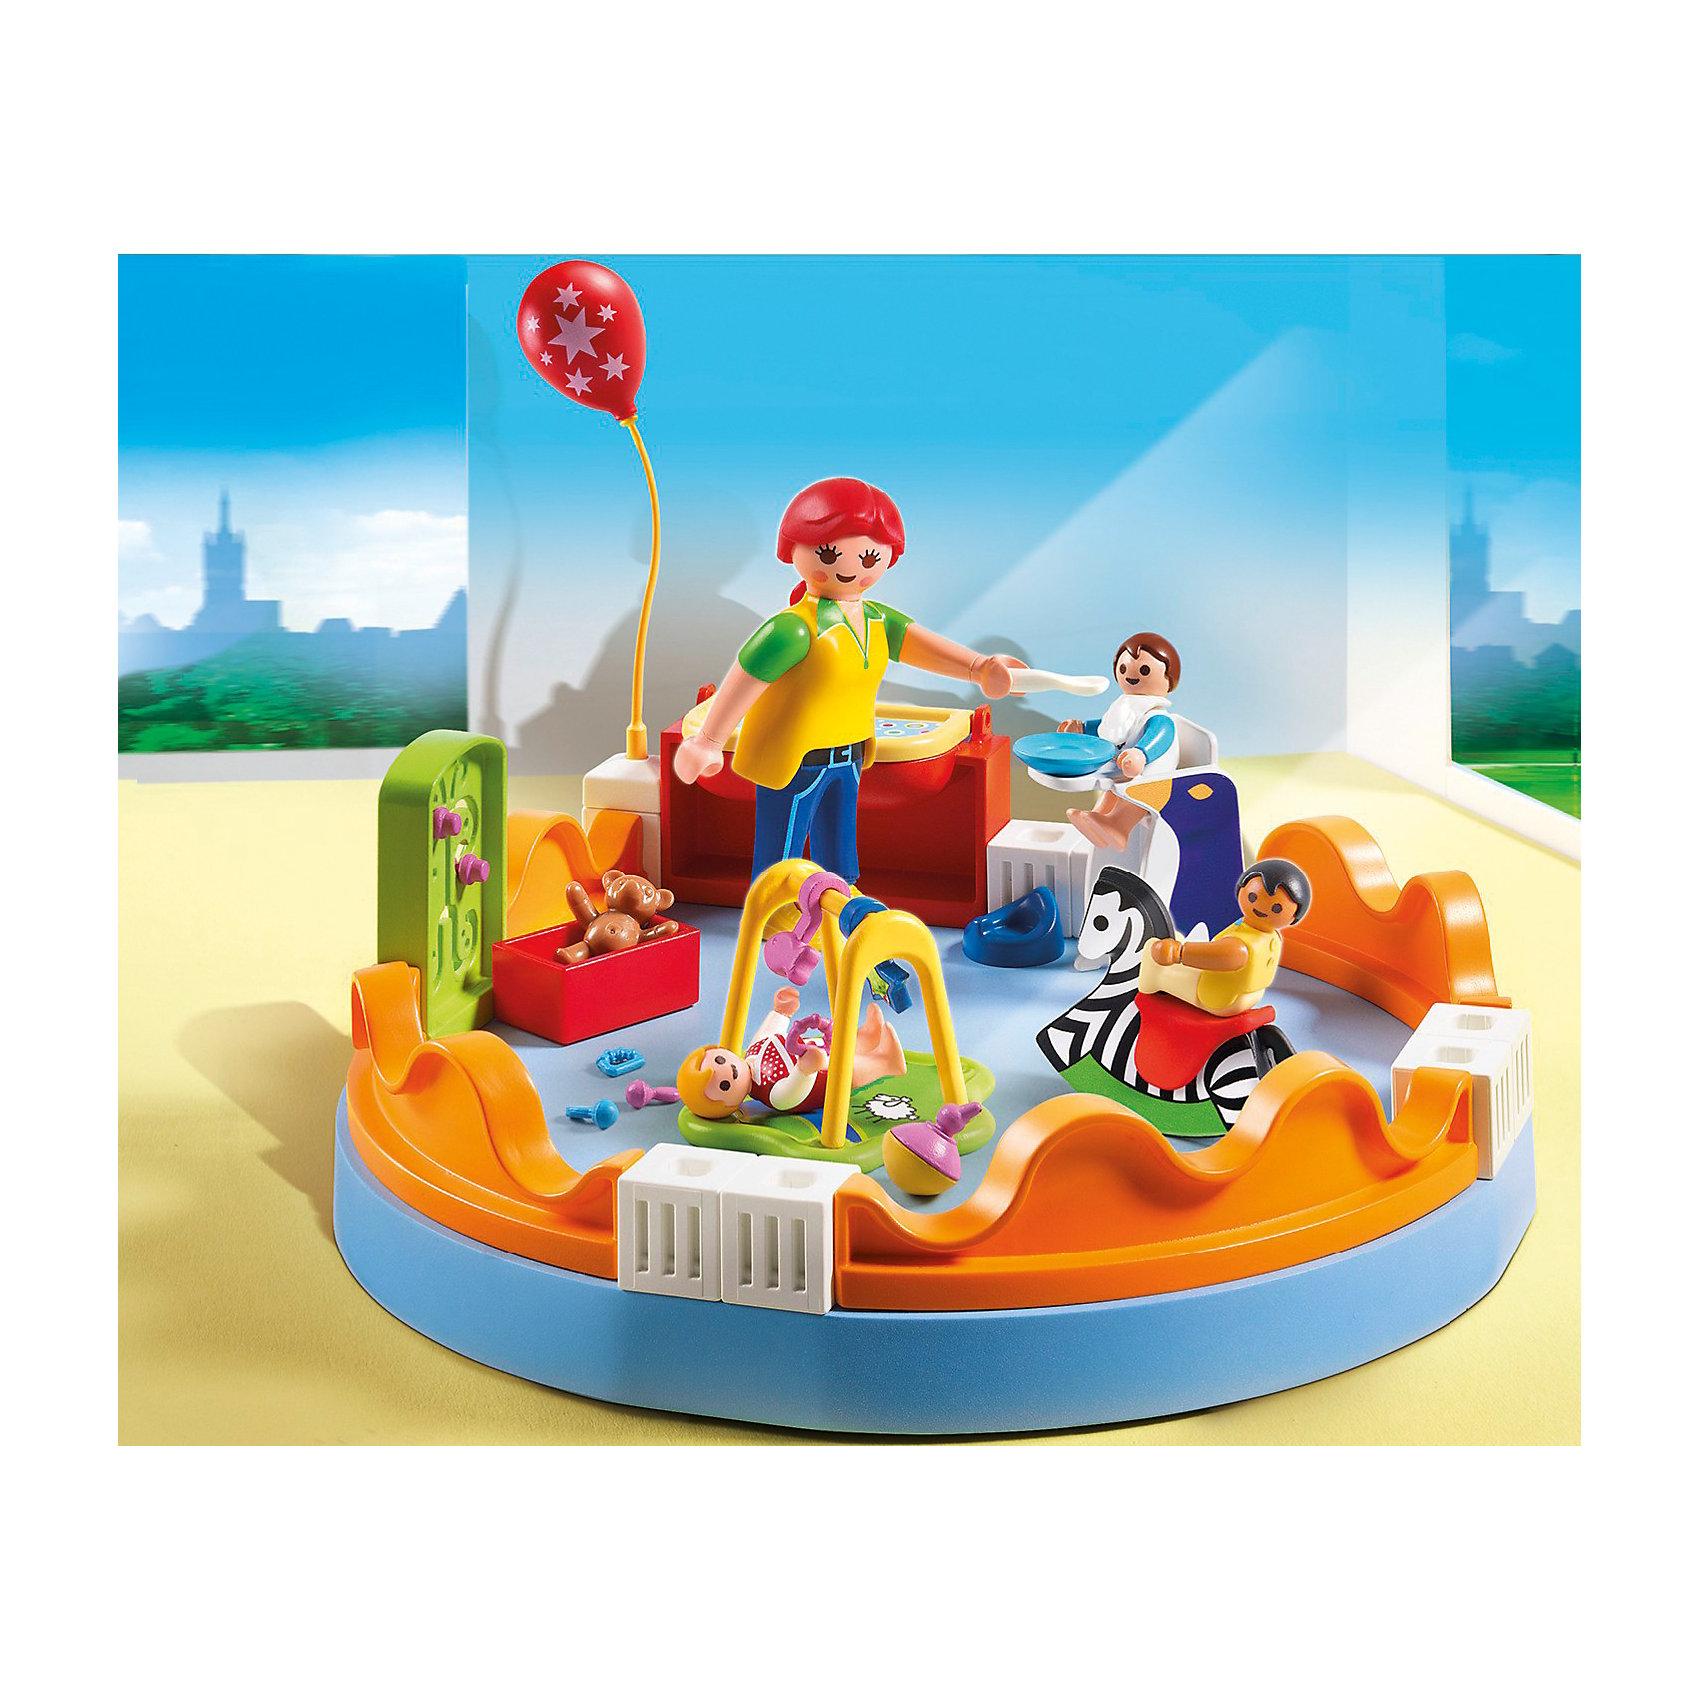 PLAYMOBIL® Группа детского сада, PLAYMOBIL playmobil 5266 summer fun детский клуб с танц площадкой